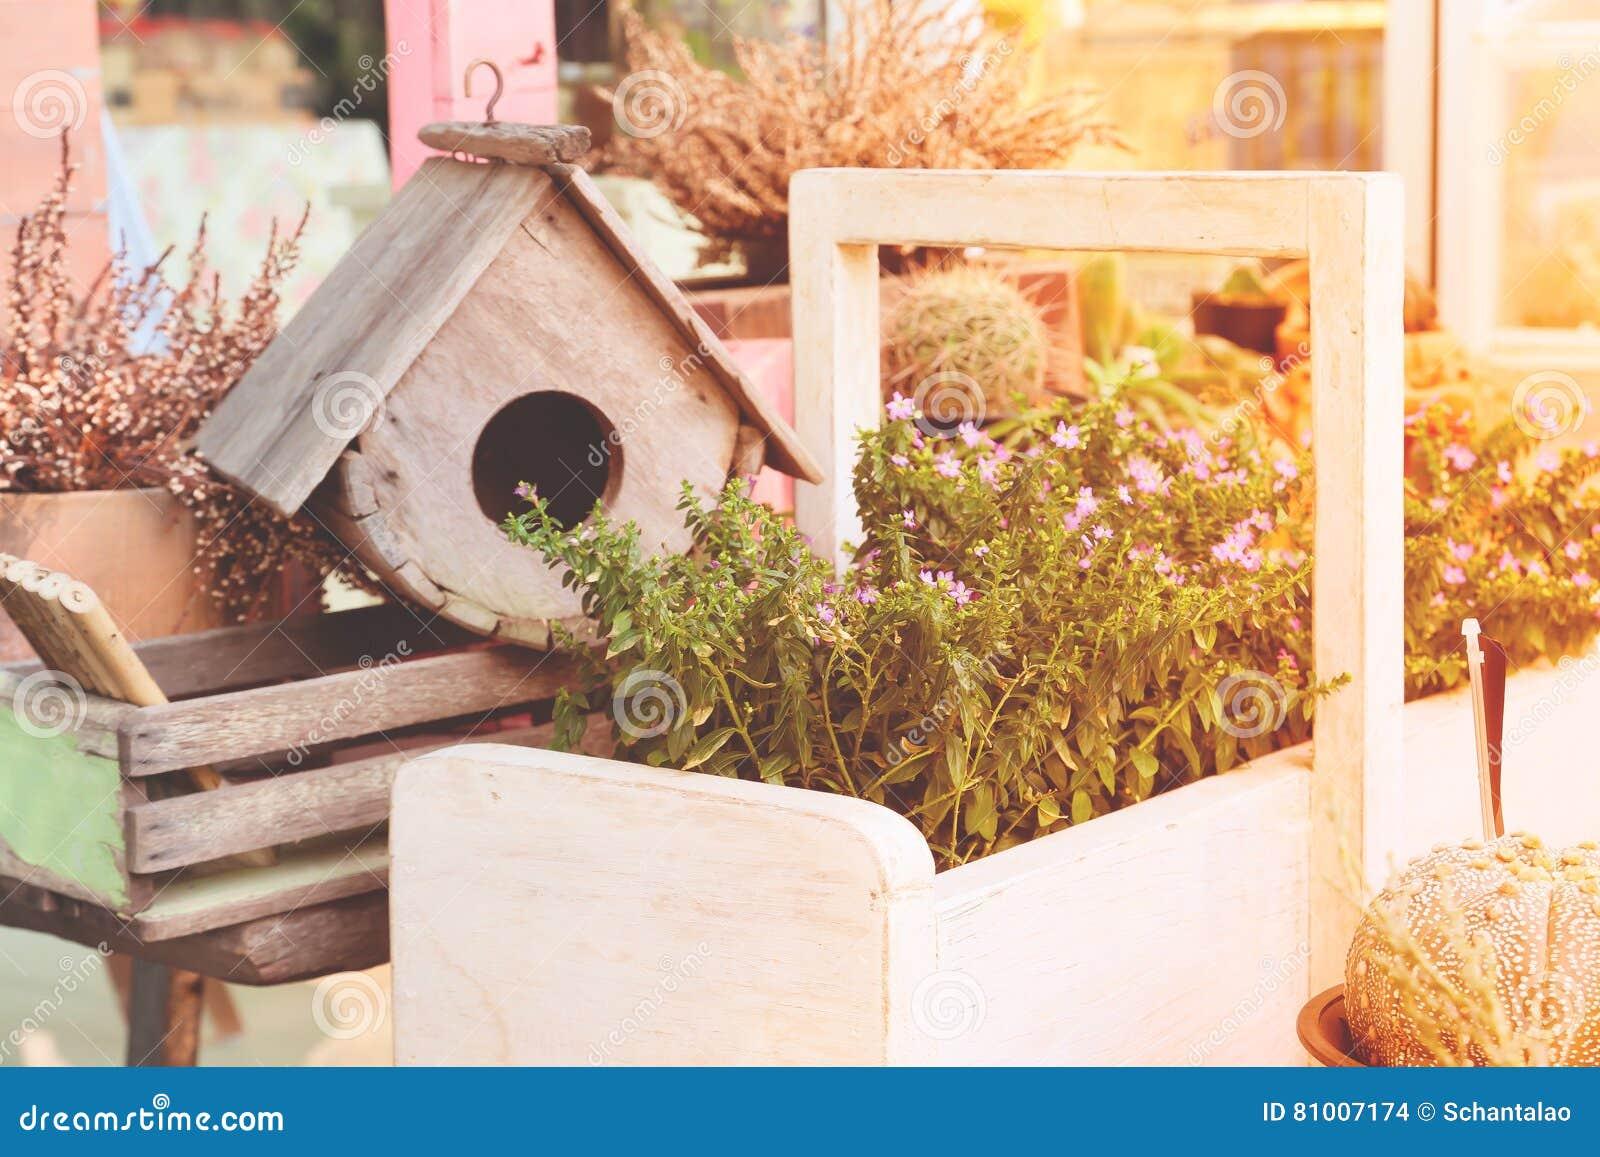 Gartendekoration Mit Vogelhaus Und Pflanzchen Mit Fruhlings Saison